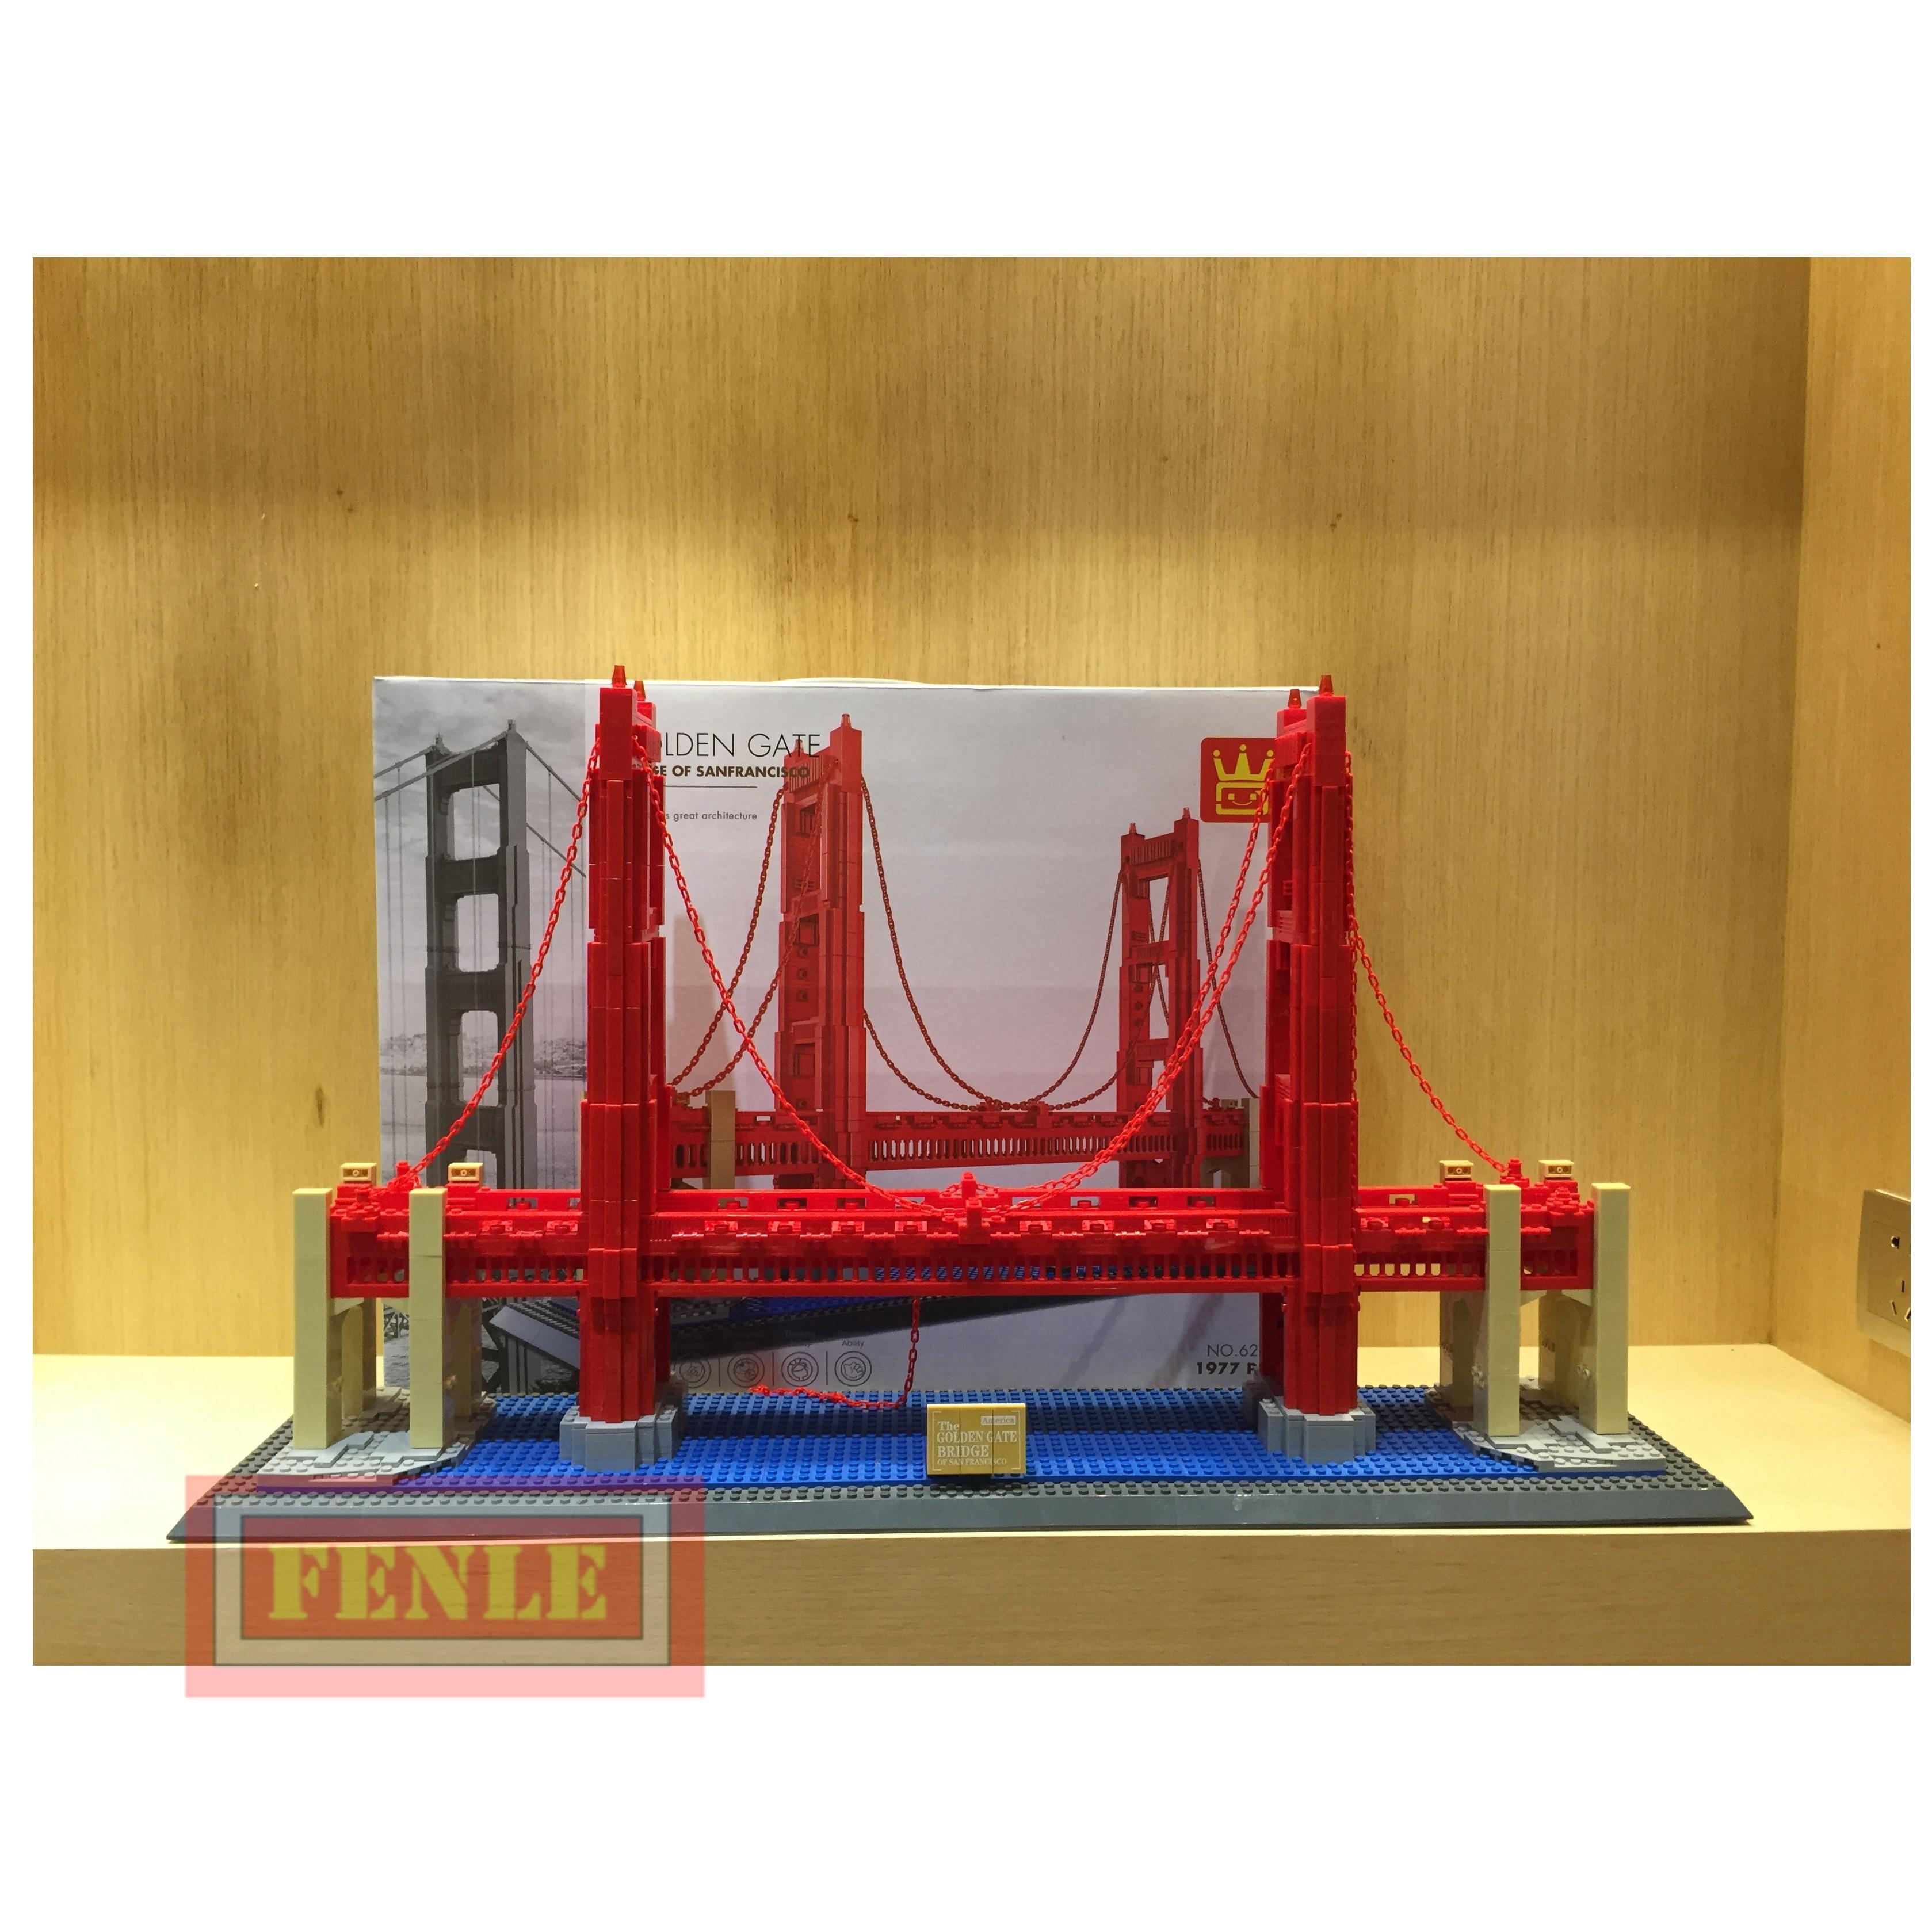 8023 6210 Famoso Edificio Serie Golden Gate Bridge 1977Pcs Building Blocks Mattoni Set di Modello di Architettura Compatibile-in Blocchi da Giocattoli e hobby su  Gruppo 1